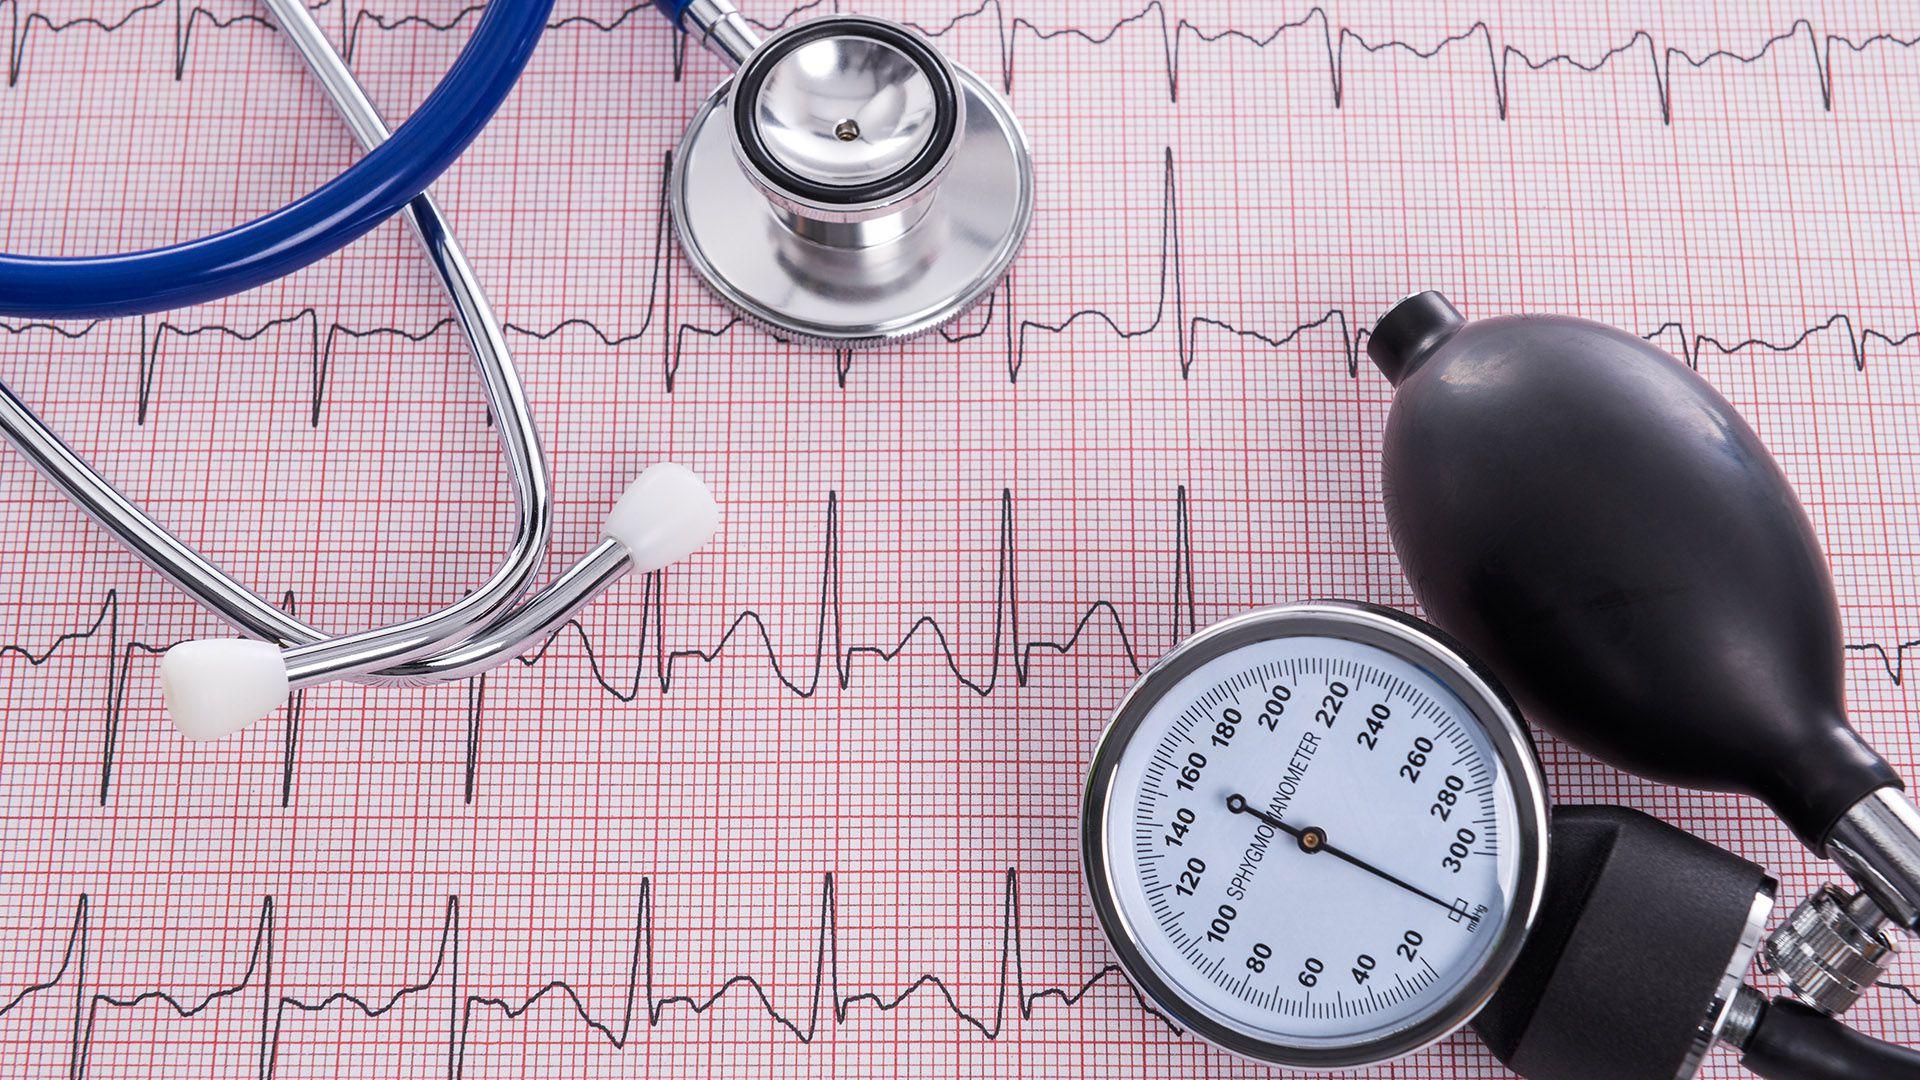 Los chequeos periódicos son necesarios para hacer un seguimiento de los pacientes con diabetes, hipertensión o que han sufrido infartos o ataques cerebrovasculares. Pero durante la pandemia pacientes del sector público encuentran obstáculos para hacer consultas presenciales en las que los profesionales de la salud puedan examinarlos/ Getty